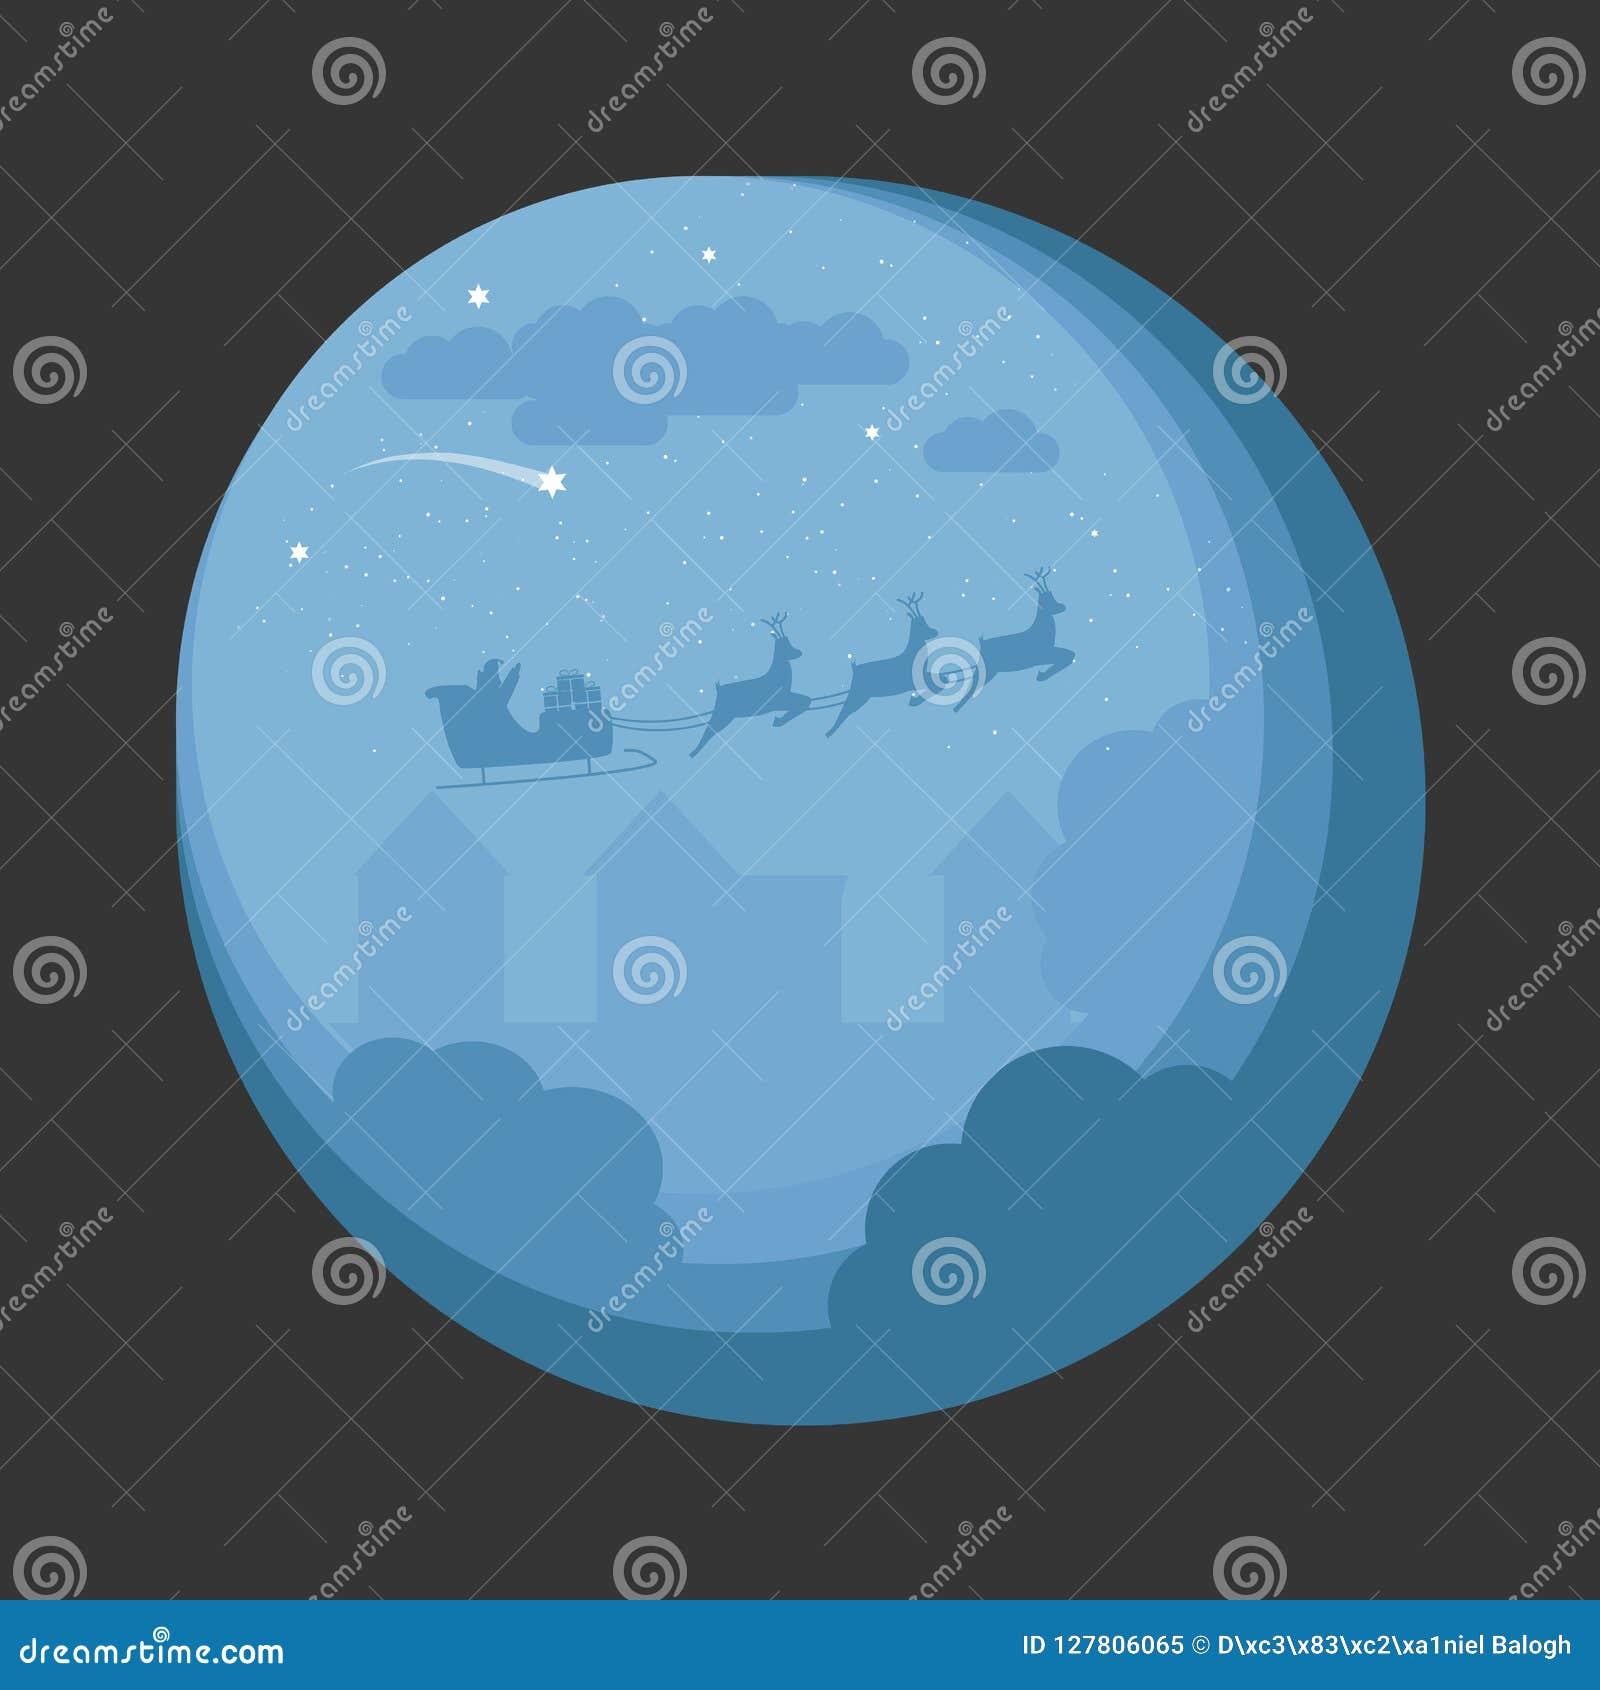 Santa Sleigh Flying Over Night-Dorp Het Ontwerp van de kerstnachtscène voor Kaart, Uitnodigingen, Fyler